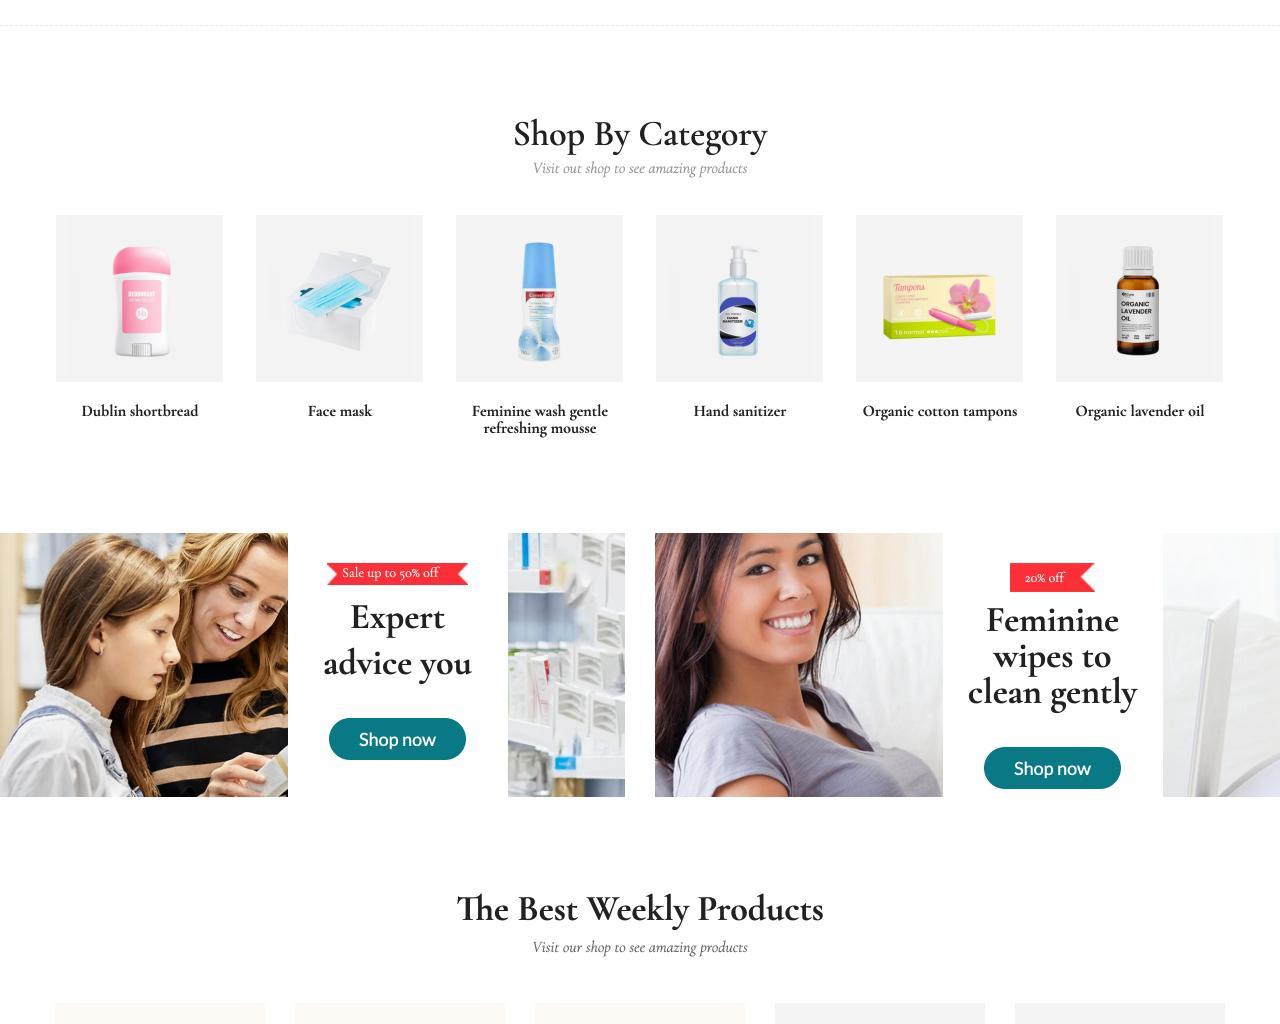 Website tiệm thuốc - cửa hàng dược phẩm-5